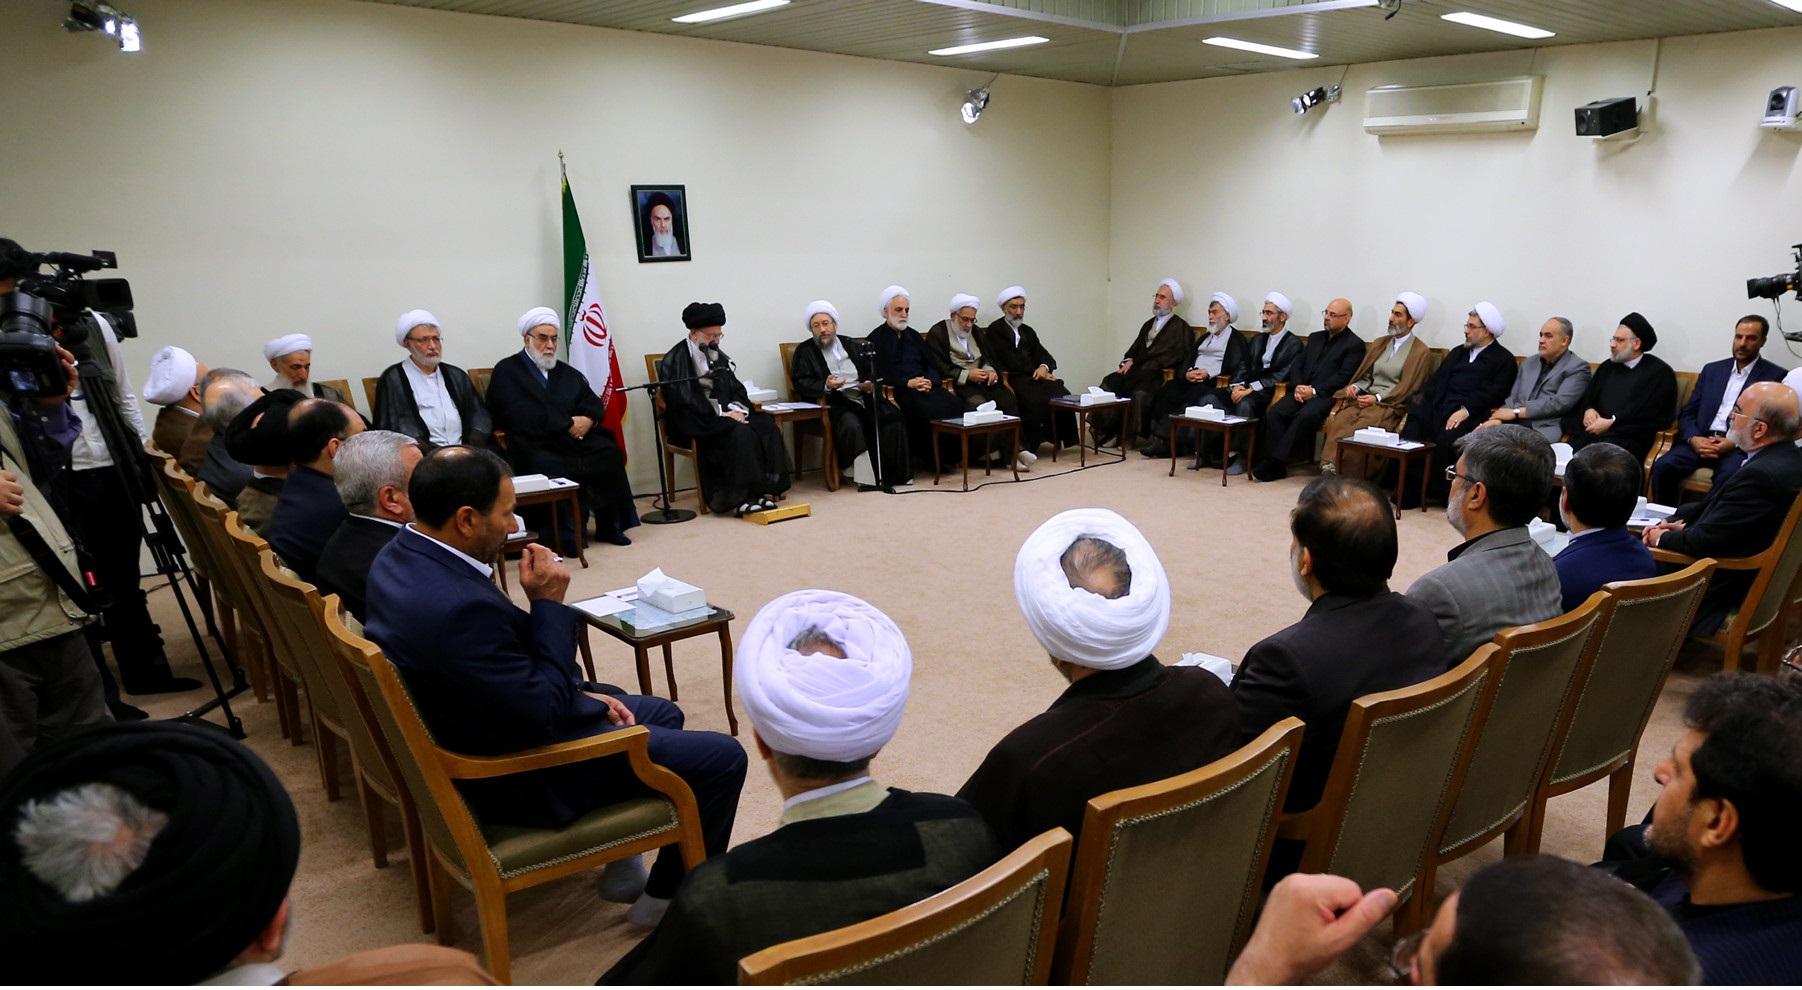 رئیس و مسئولان قوه قضائیه با رهبر معظم انقلاب دیدار کردند